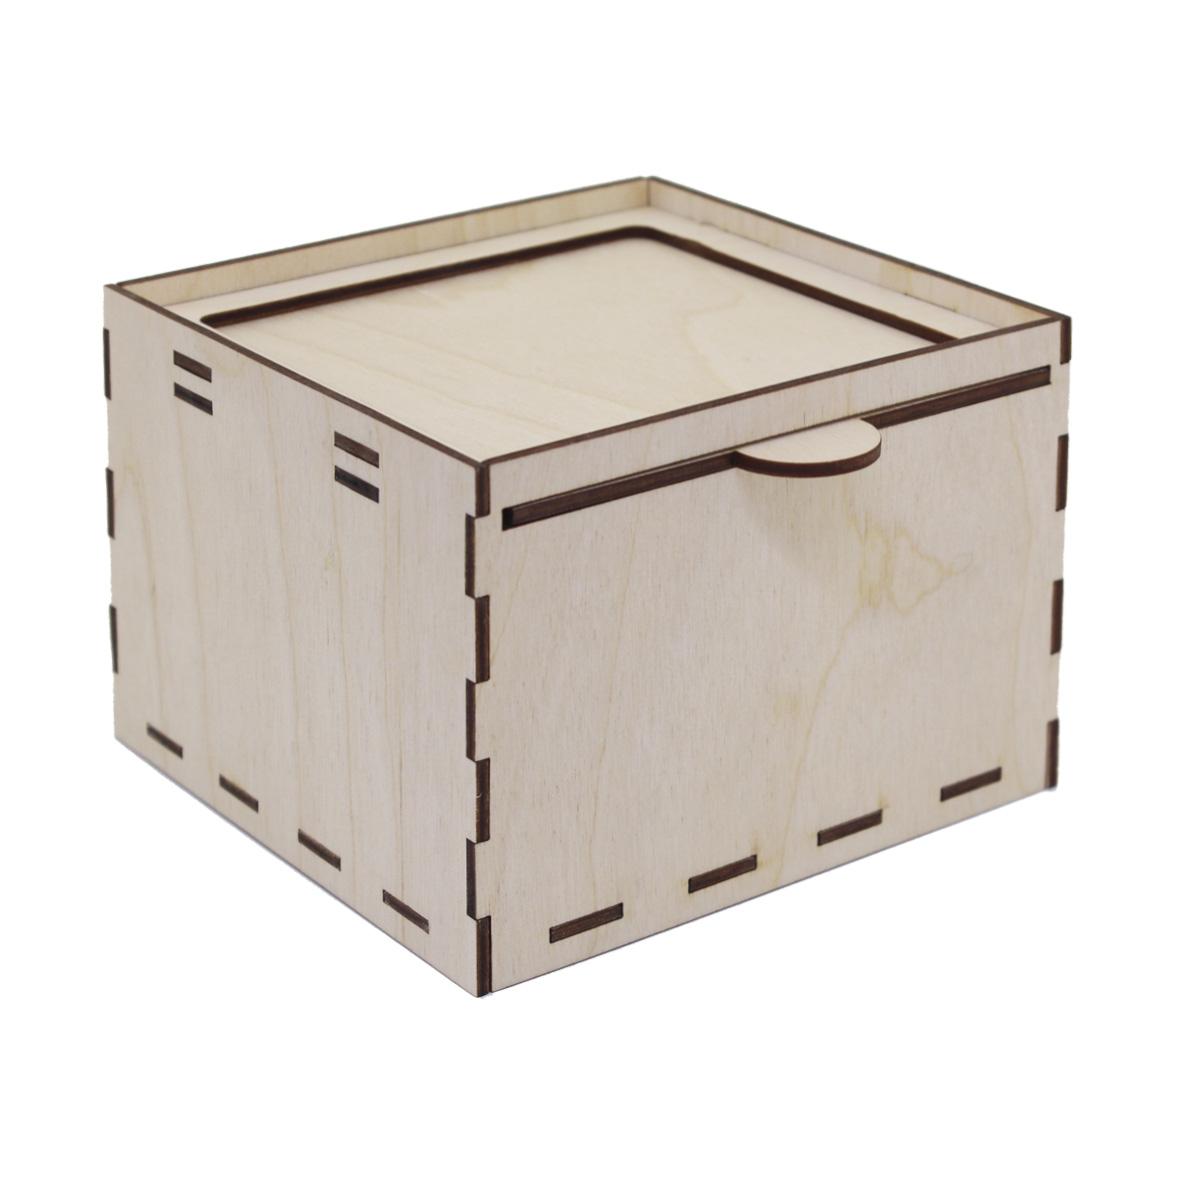 L-677 Деревянная заготовка шкатулка квадратная с выдвижной крышкой 13,5*13,5*10 см, Астра